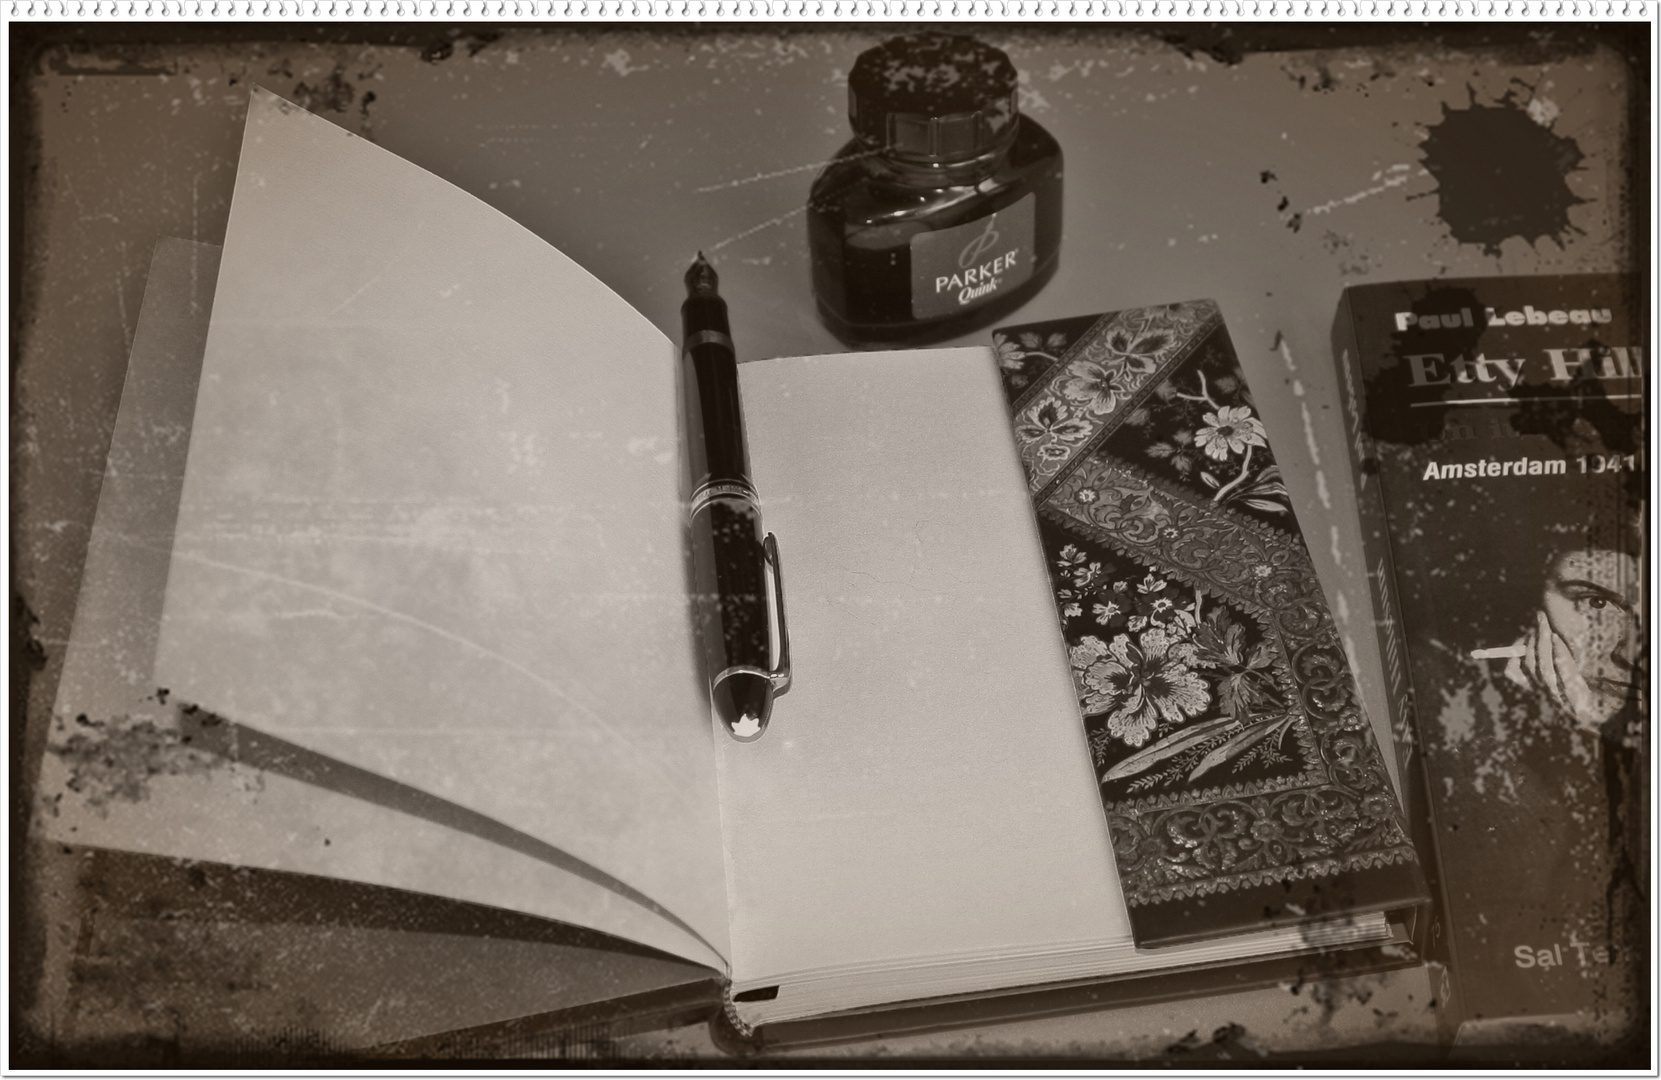 palabras escritas en silencio